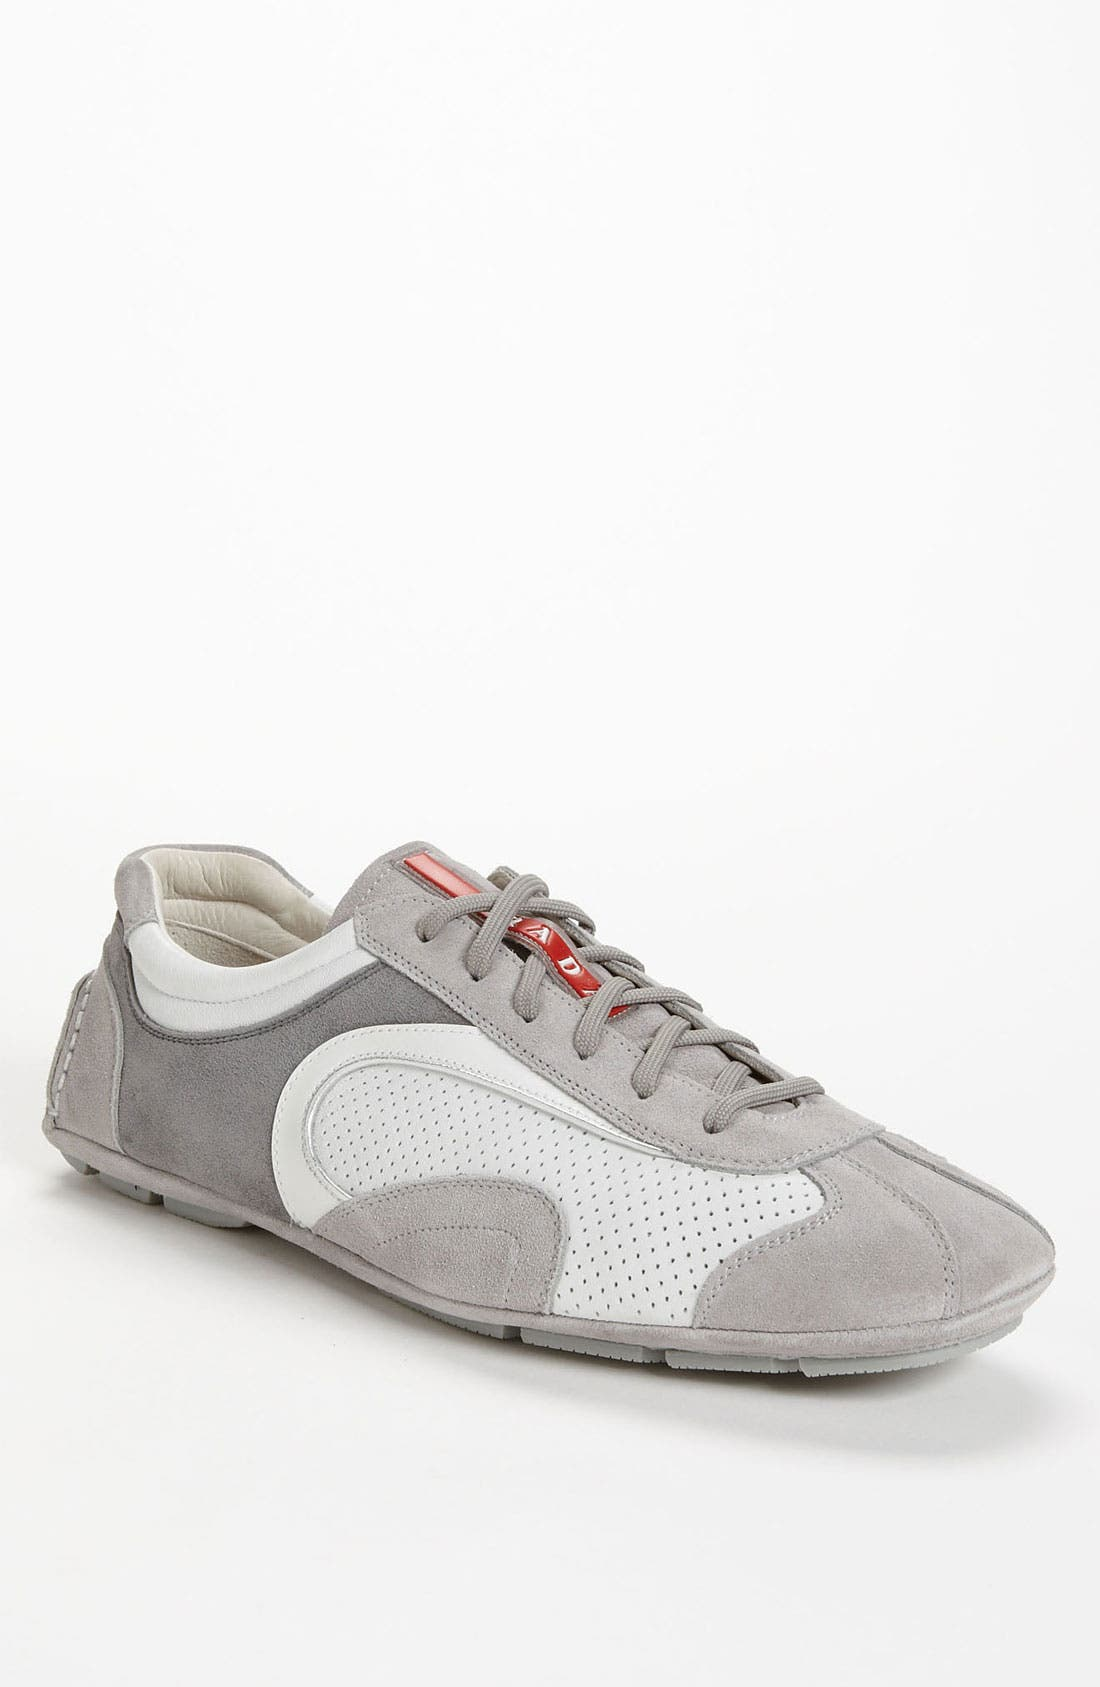 Alternate Image 1 Selected - Prada 'Euro' Sneaker